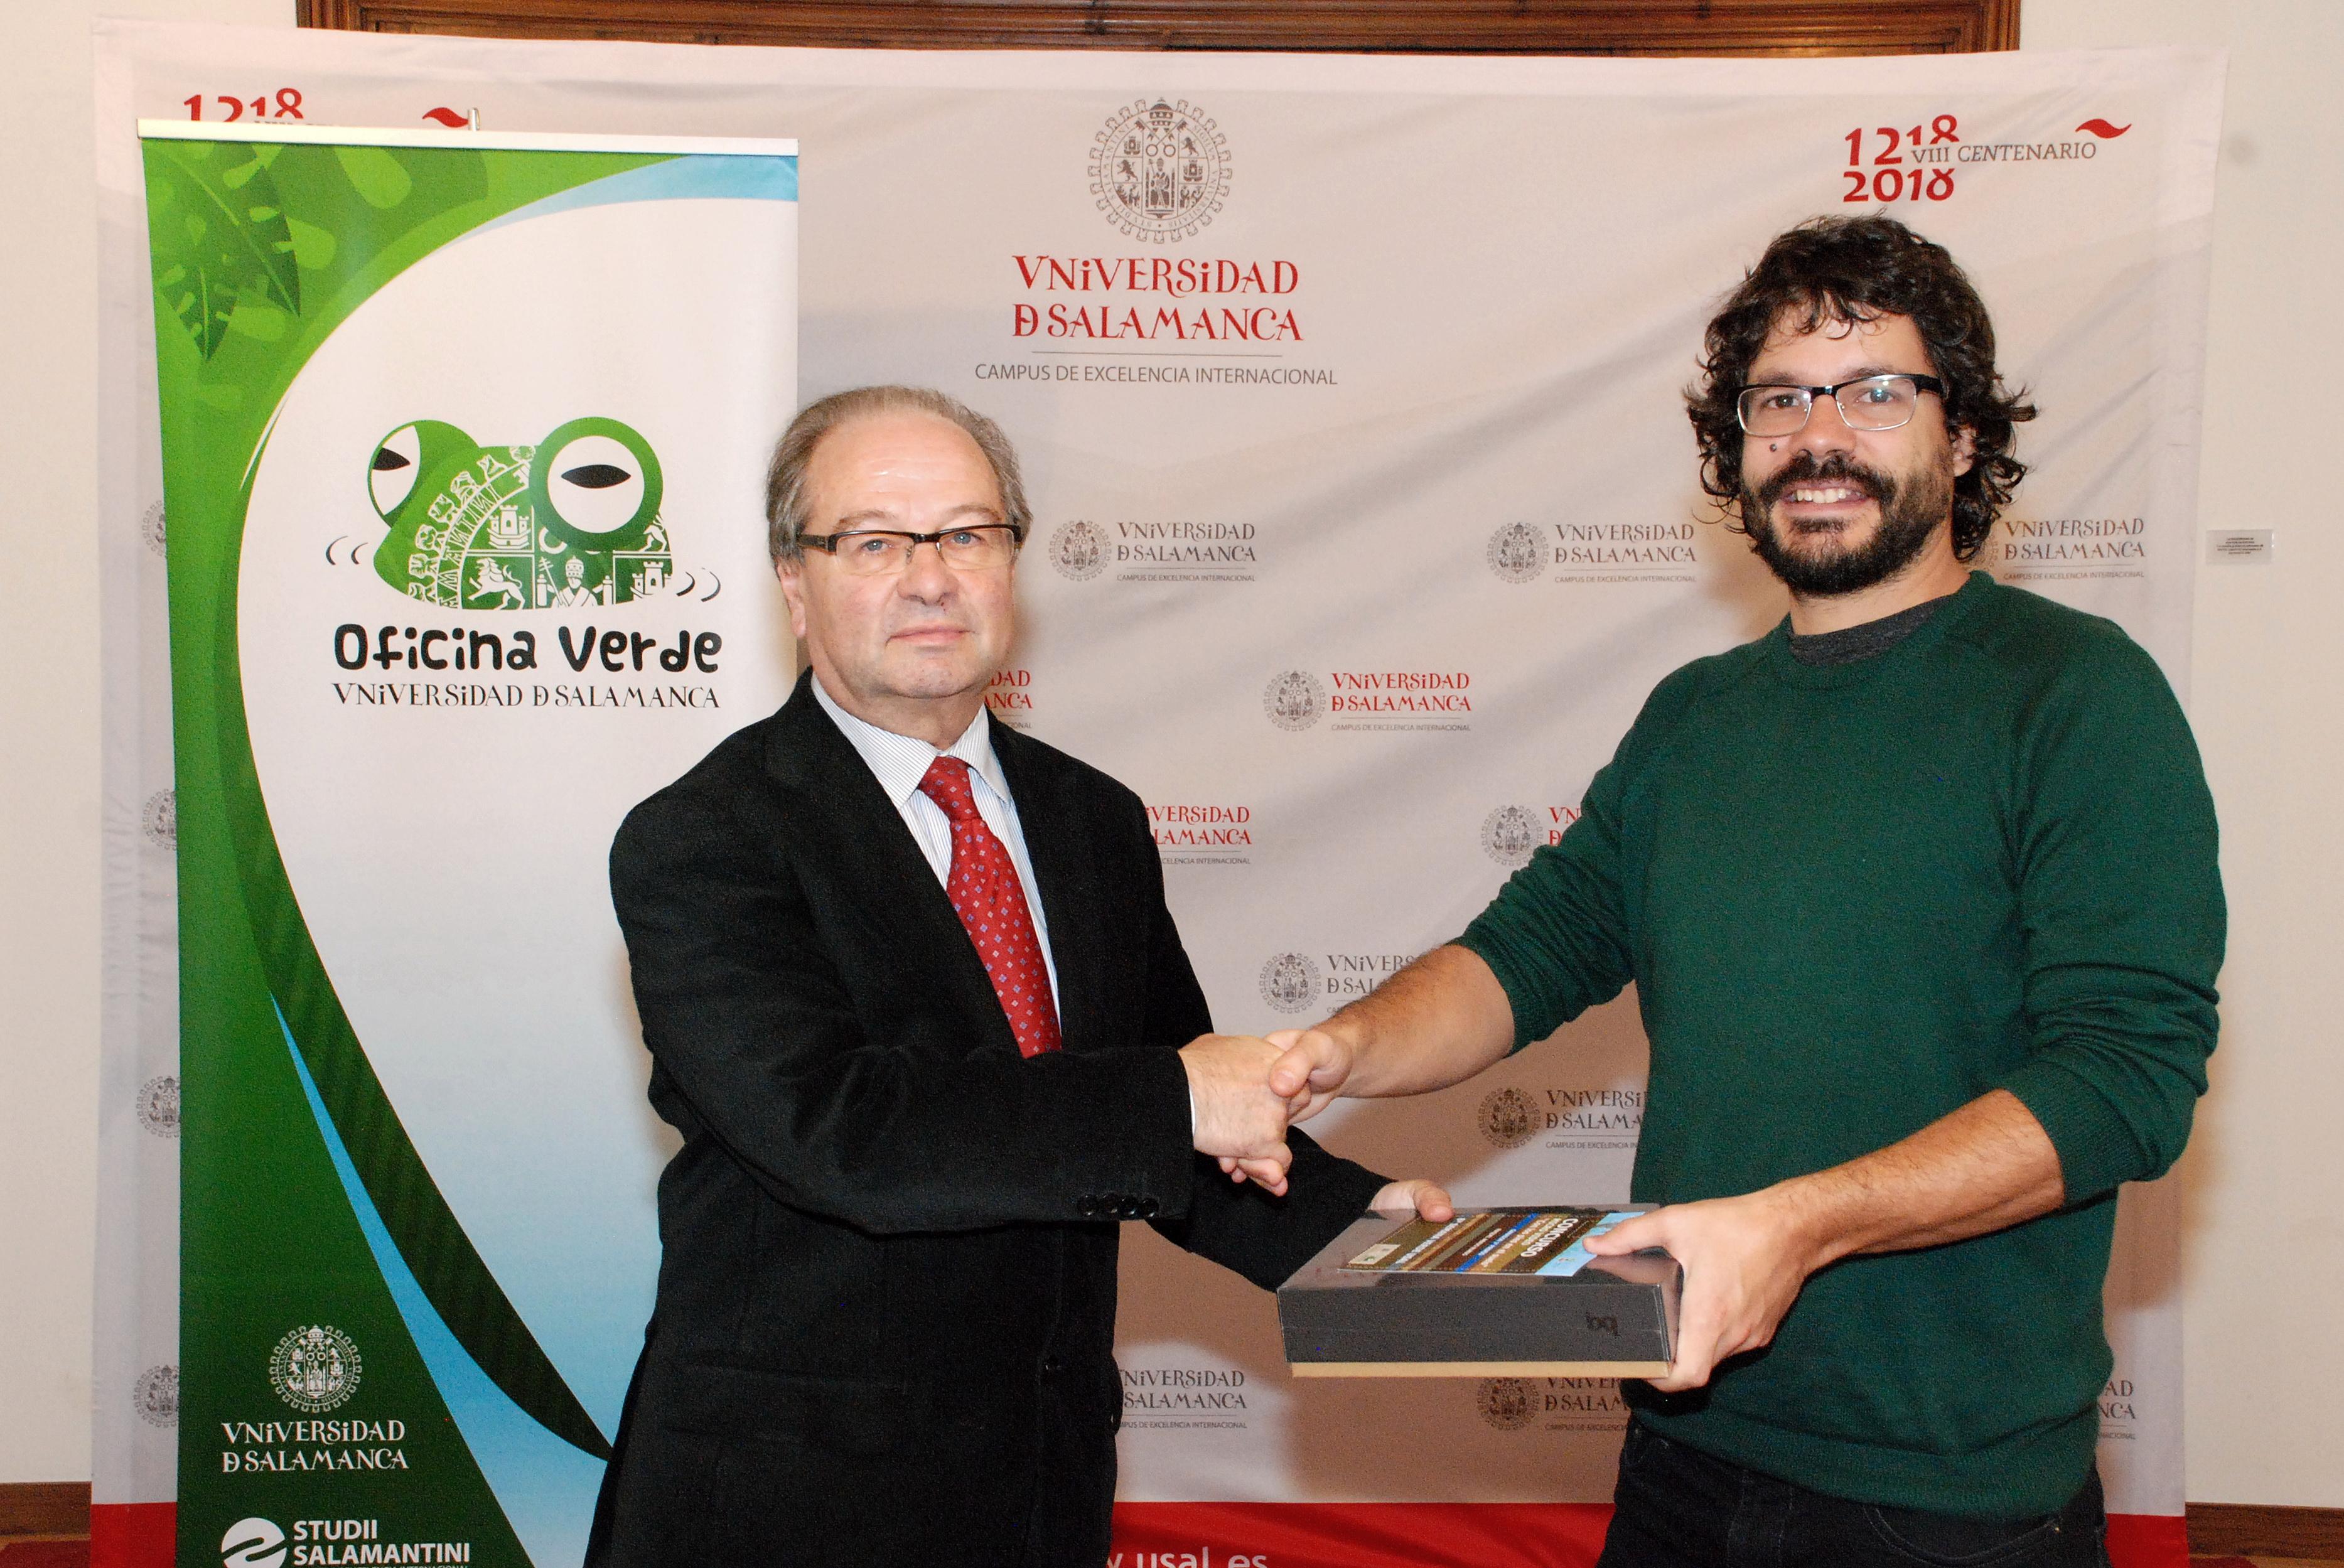 La Oficina Verde de la Universidad de Salamanca entrega los premios del concurso de micro-vídeo 'Con los pies en el suelo'